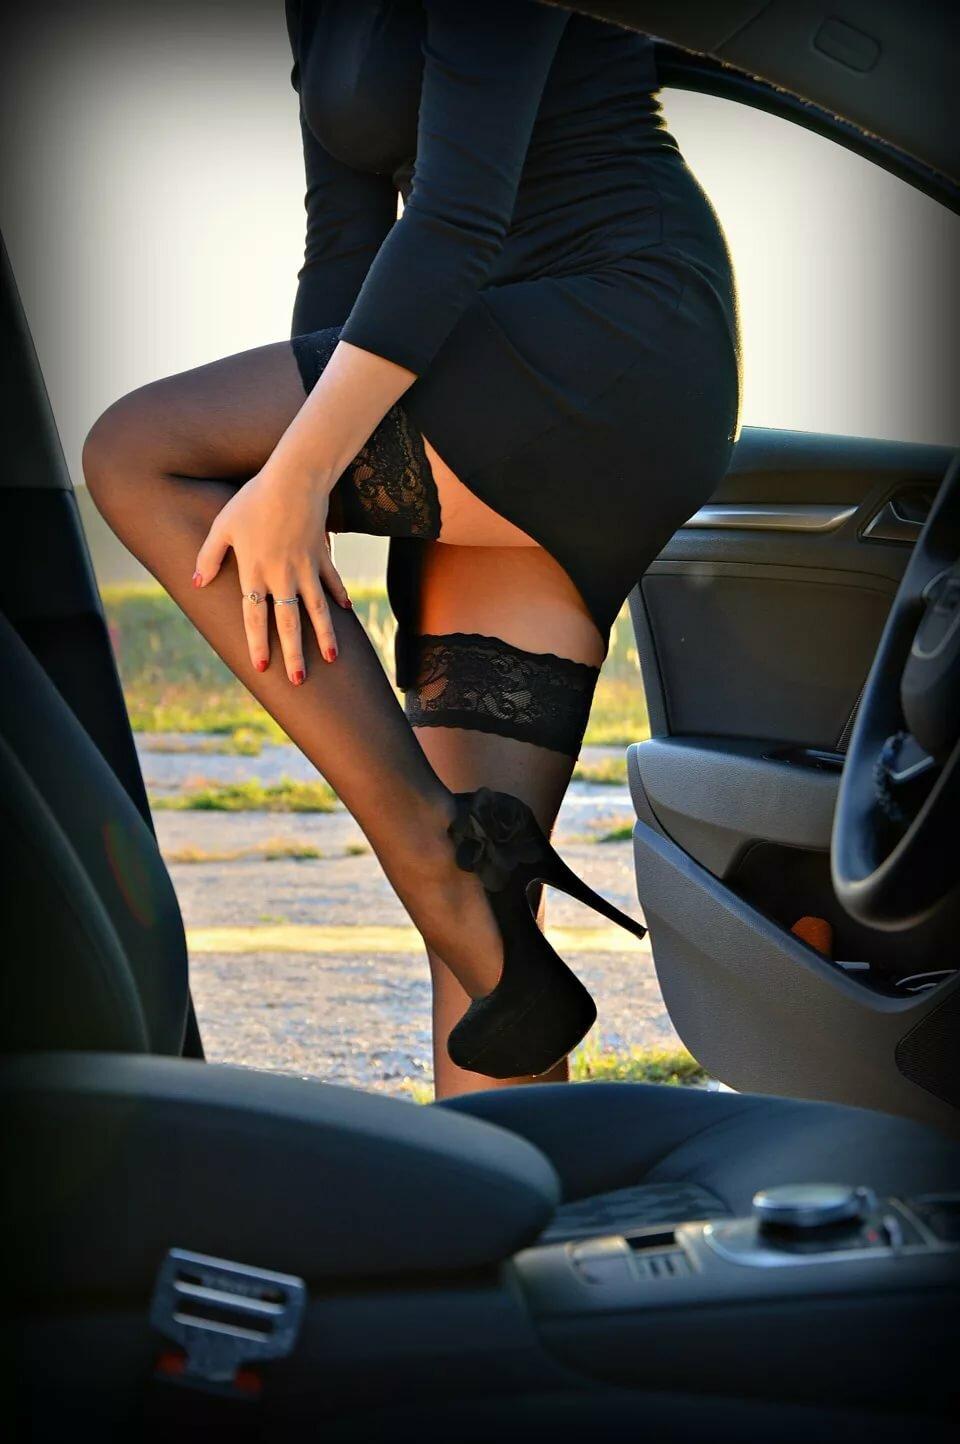 фото женщин в чулках в машине порно-ролик